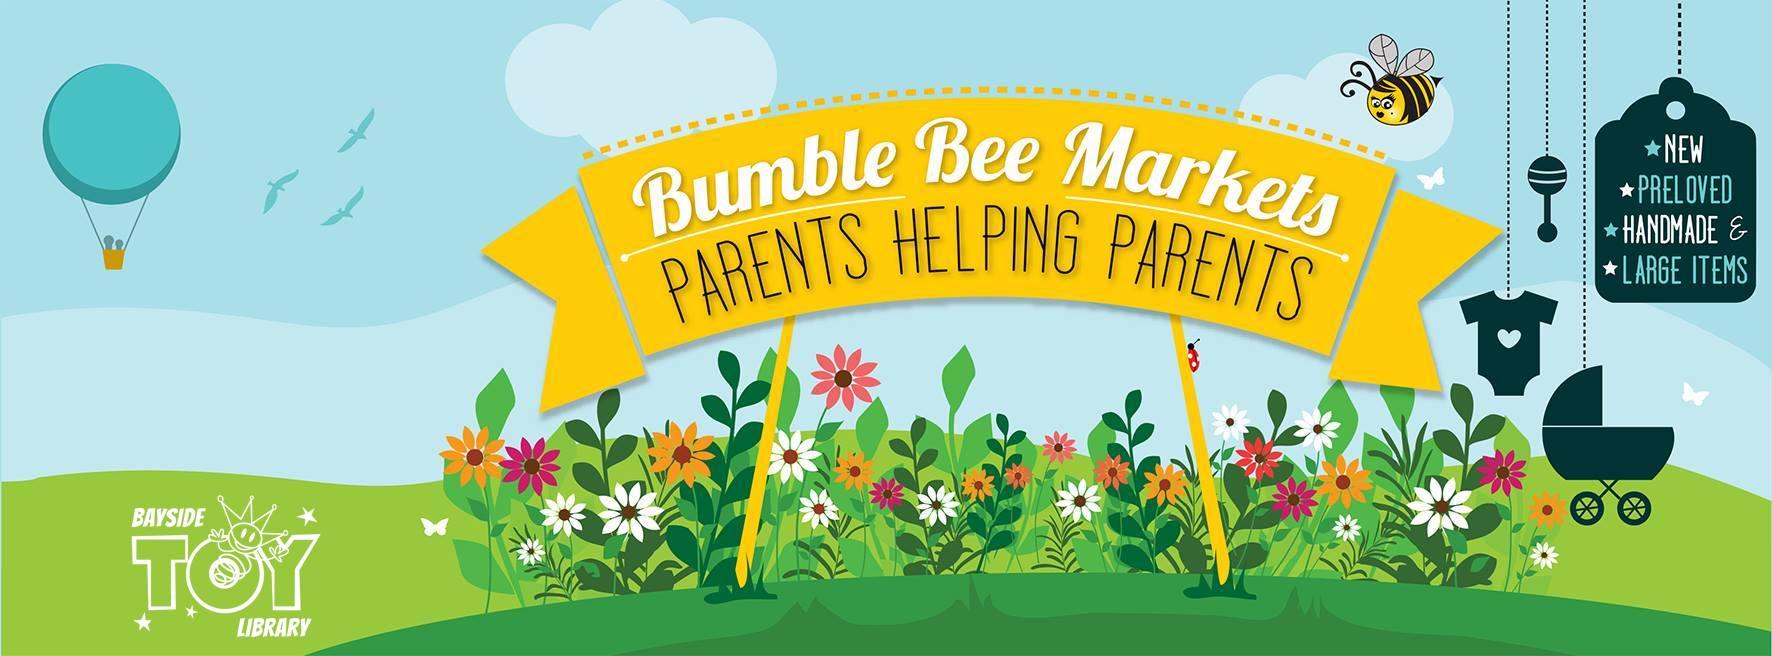 The BTL at the Bumble Bee Markets!